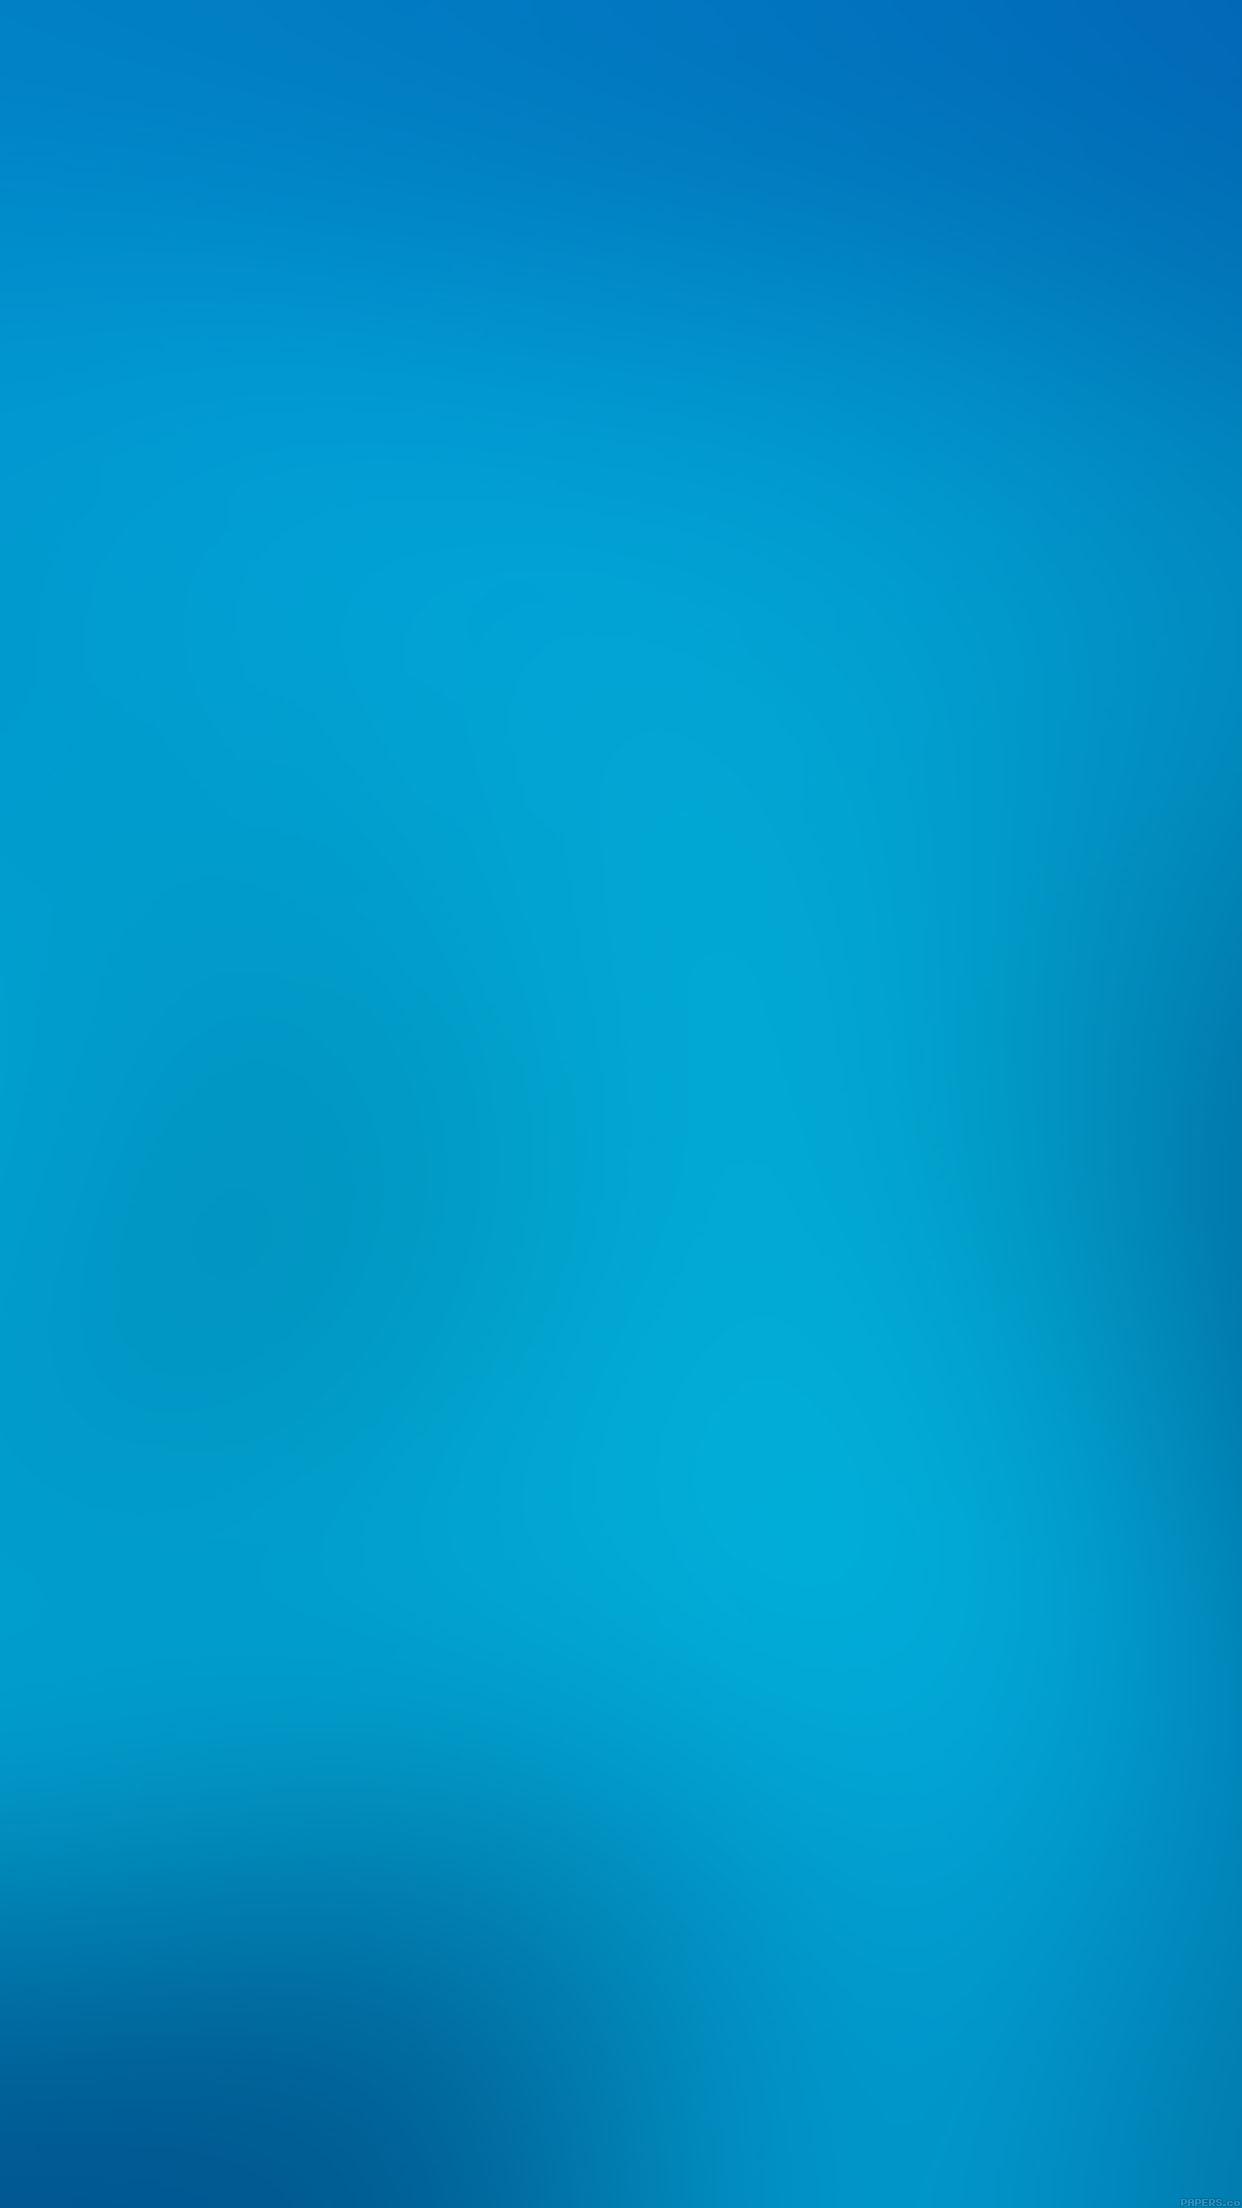 Fall Desktop Wallpaper For Mac Papers Co Iphone Wallpaper Sa07 Bleen Blue Blur